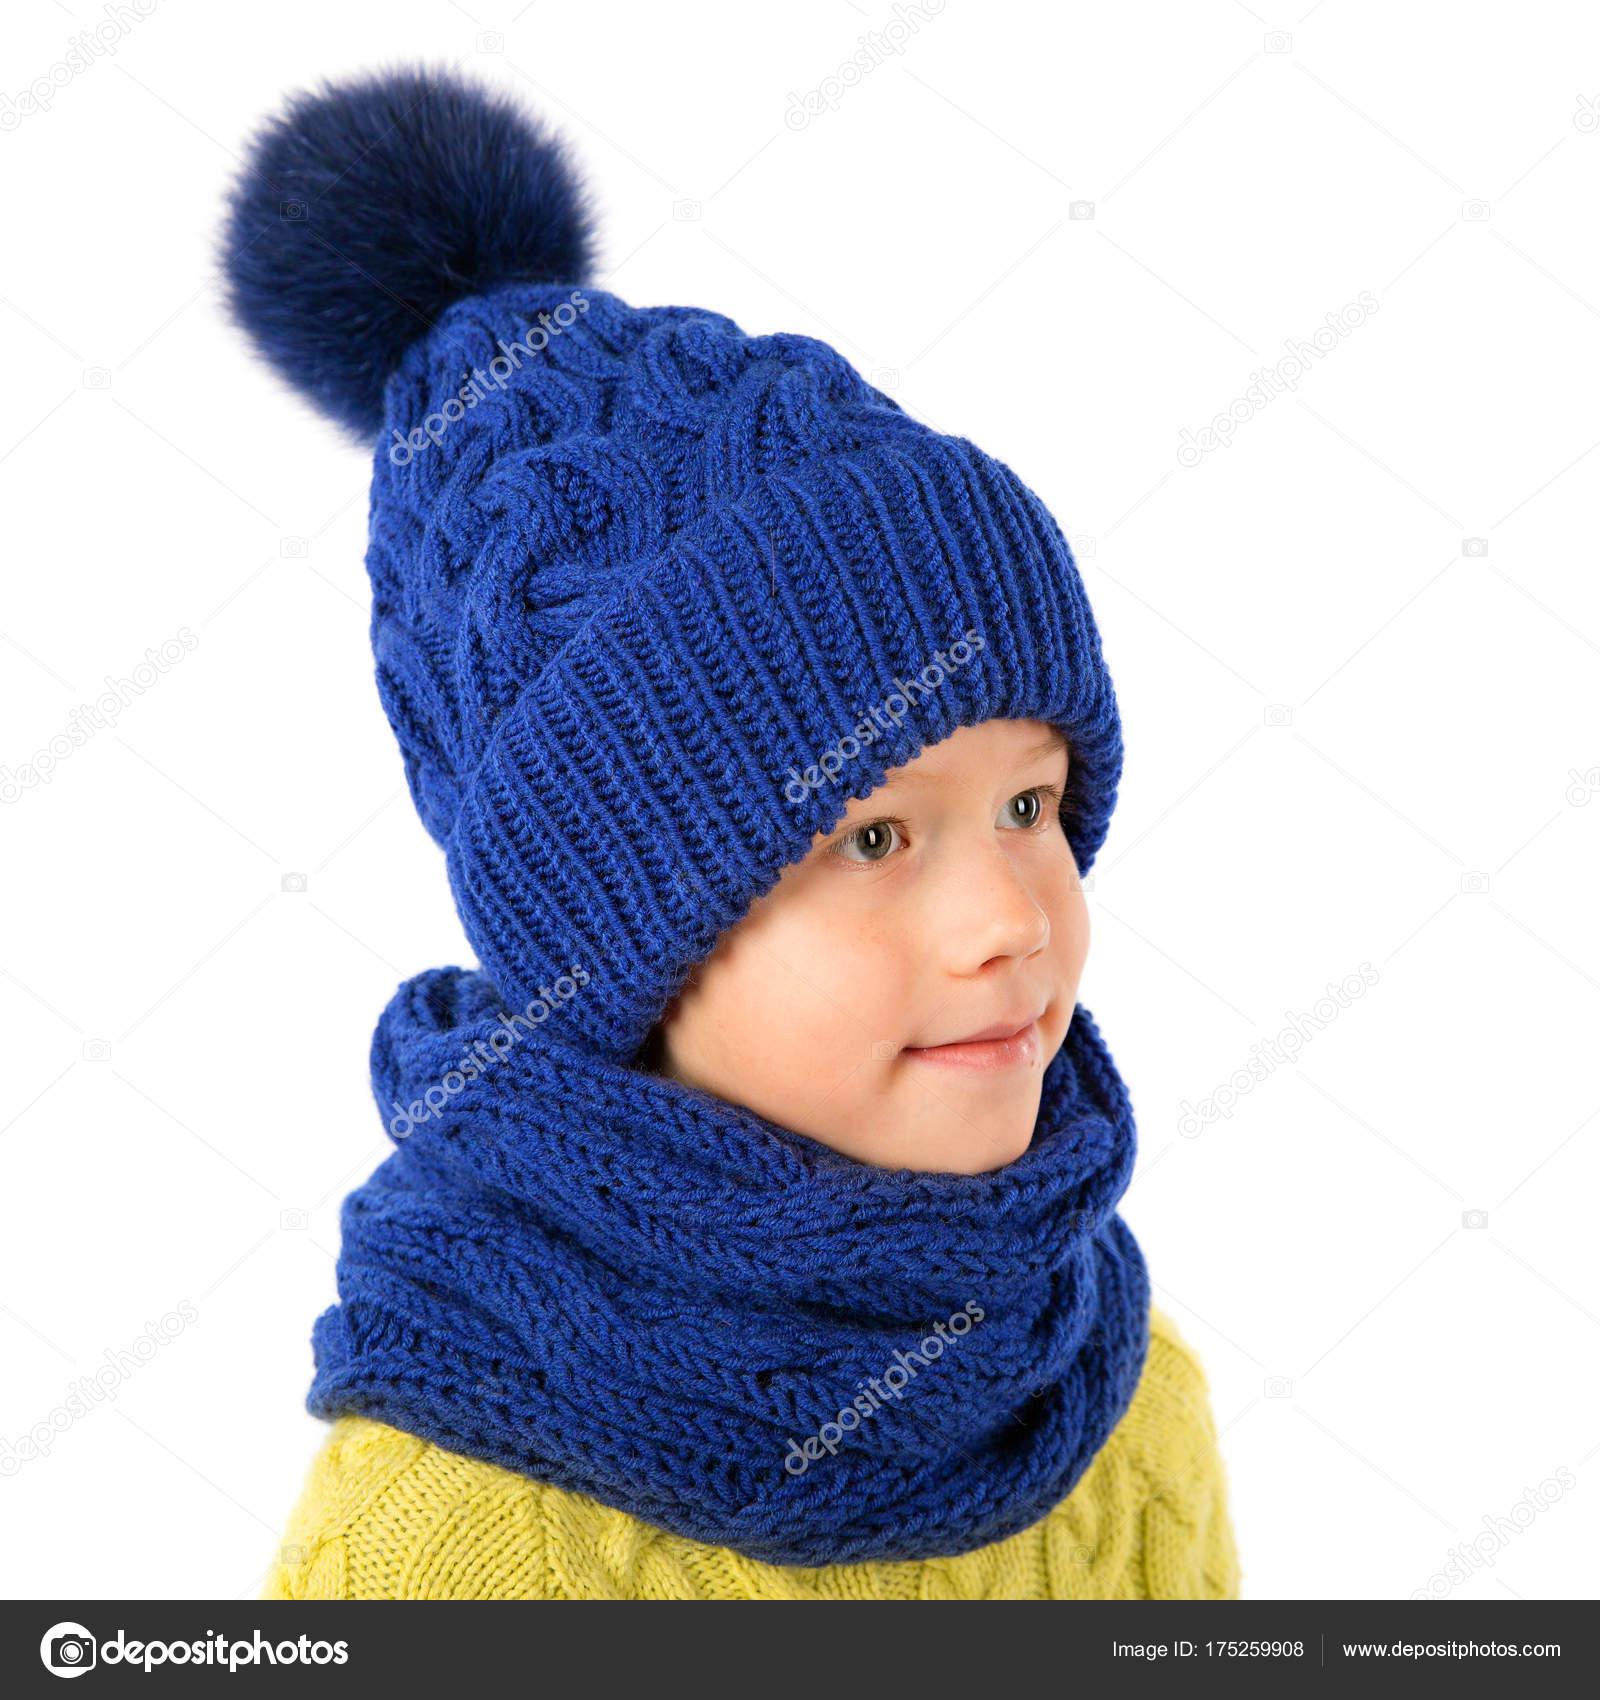 Niño hermoso gorro azul de invierno y bufanda aislado sobre fondo blanco.  Ropa de invierno de niños - fotos  gorros invierno niños — Foto de  SvetaOrlova ... 01c3b582b60